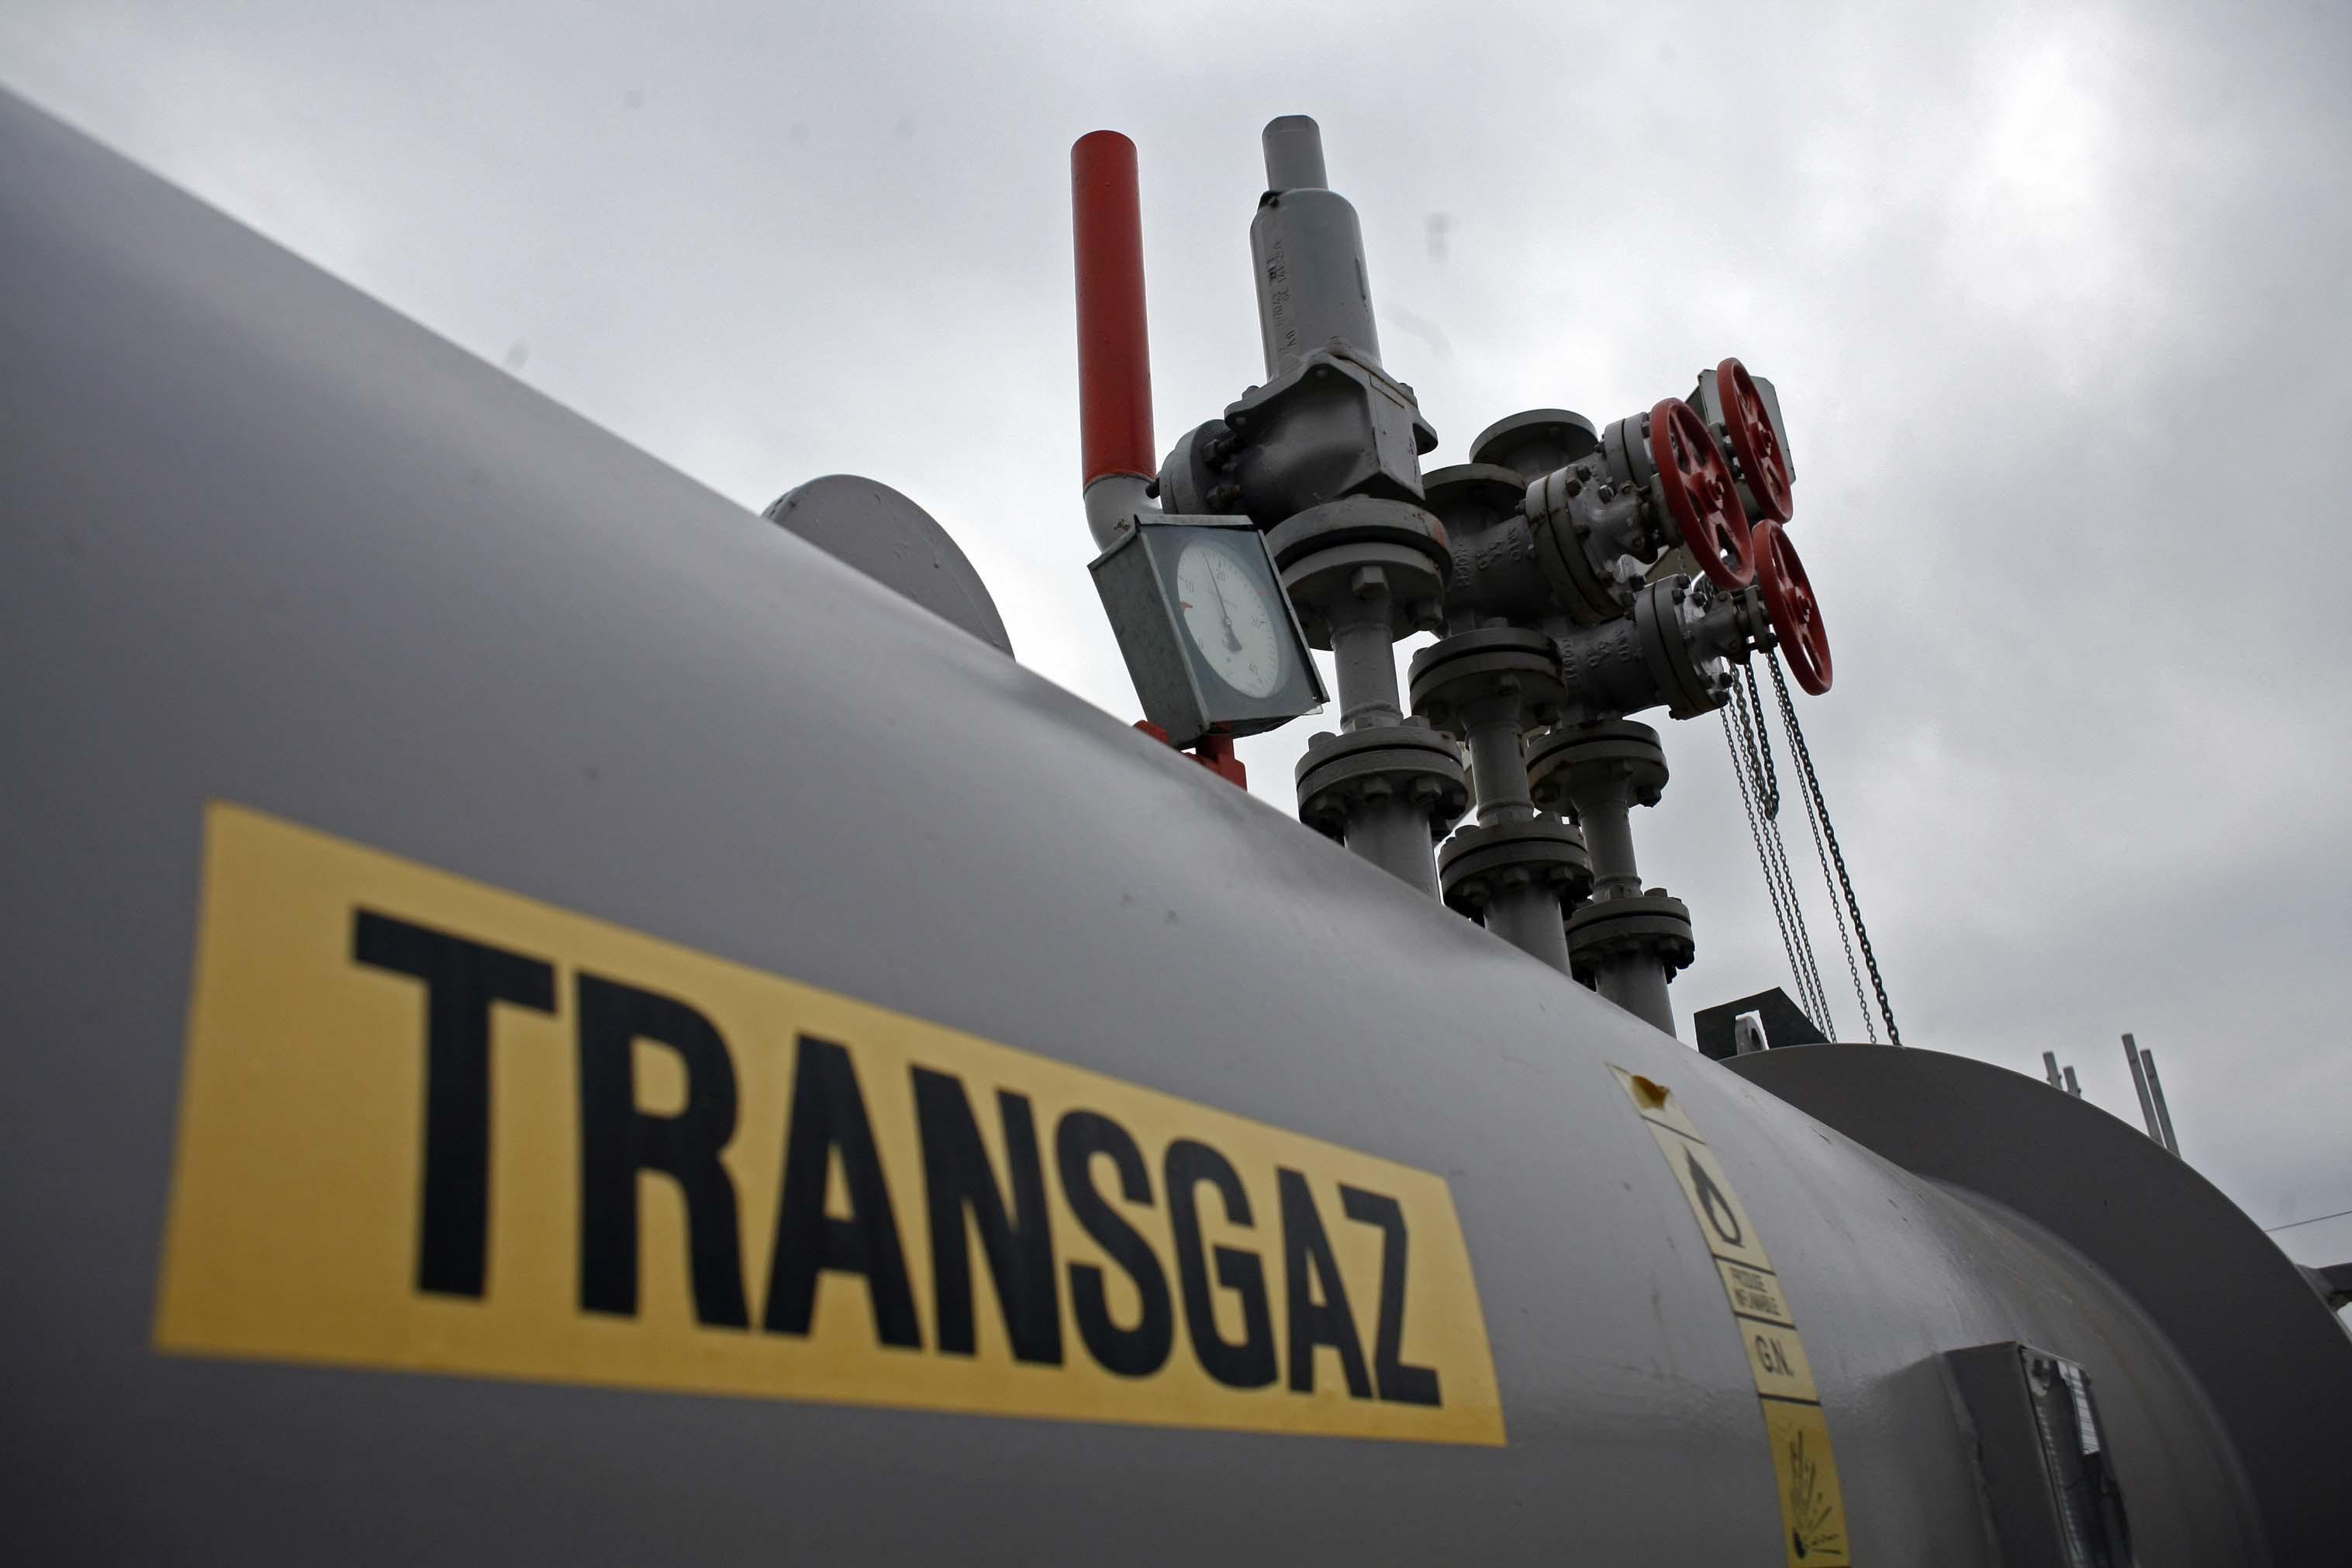 Fost director general al Transgaz, numit preşedinte al Consiliului de Administraţie al companiei pentru patru luni